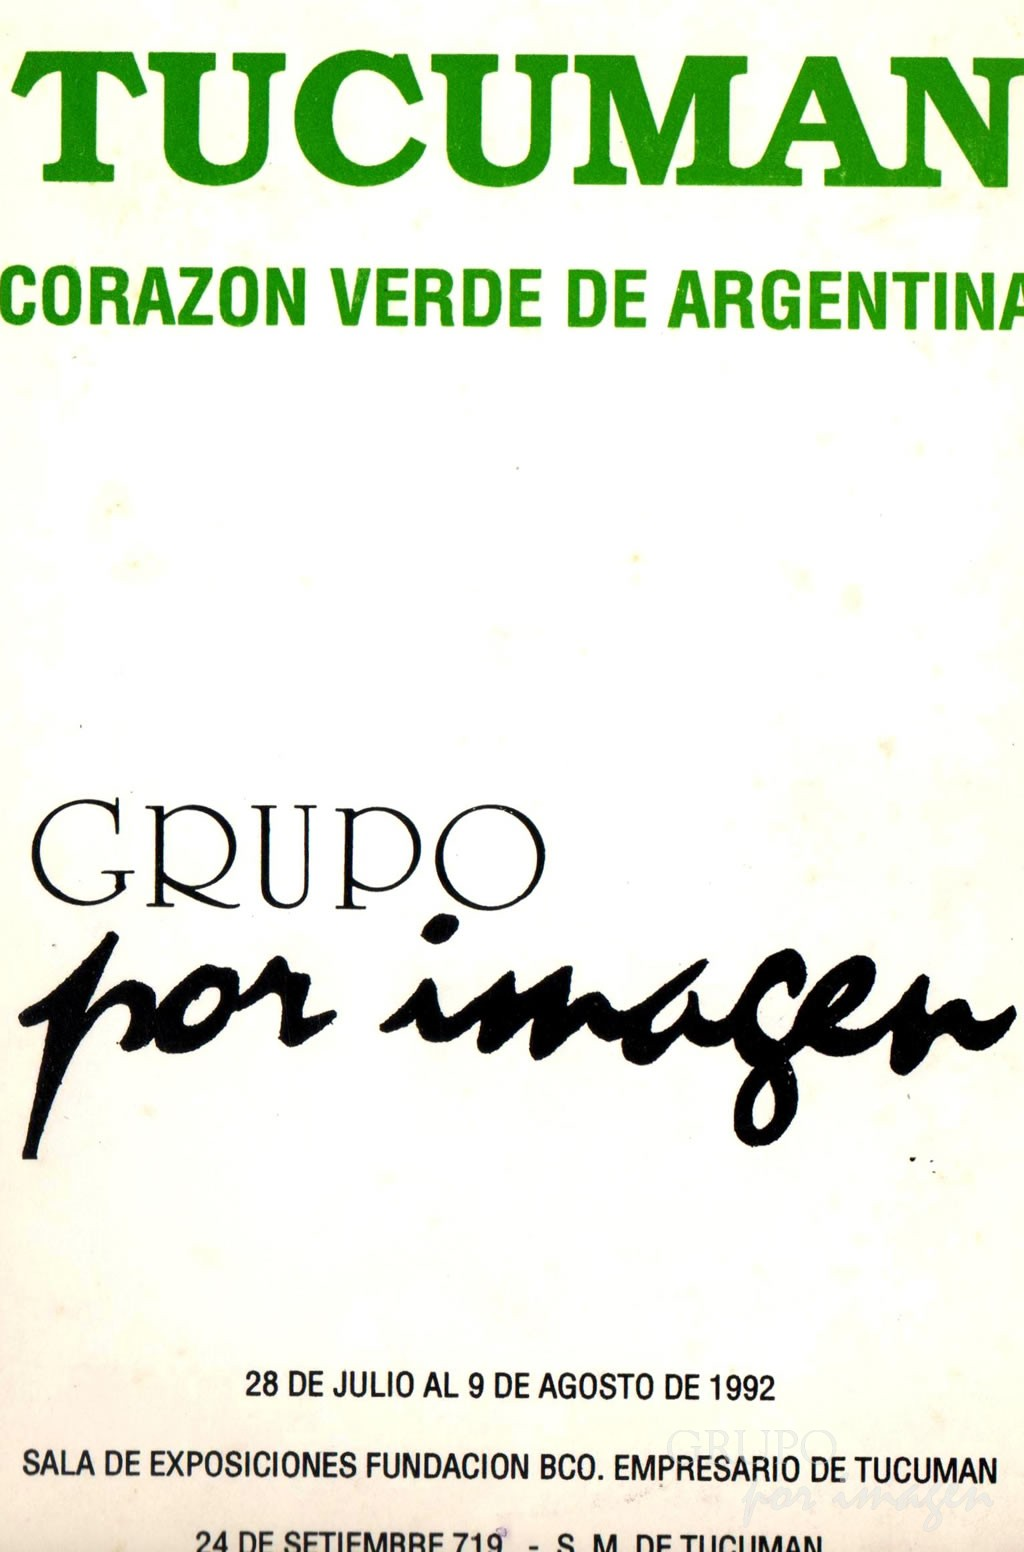 «Tucumán, Corazón Verde de Argentina»